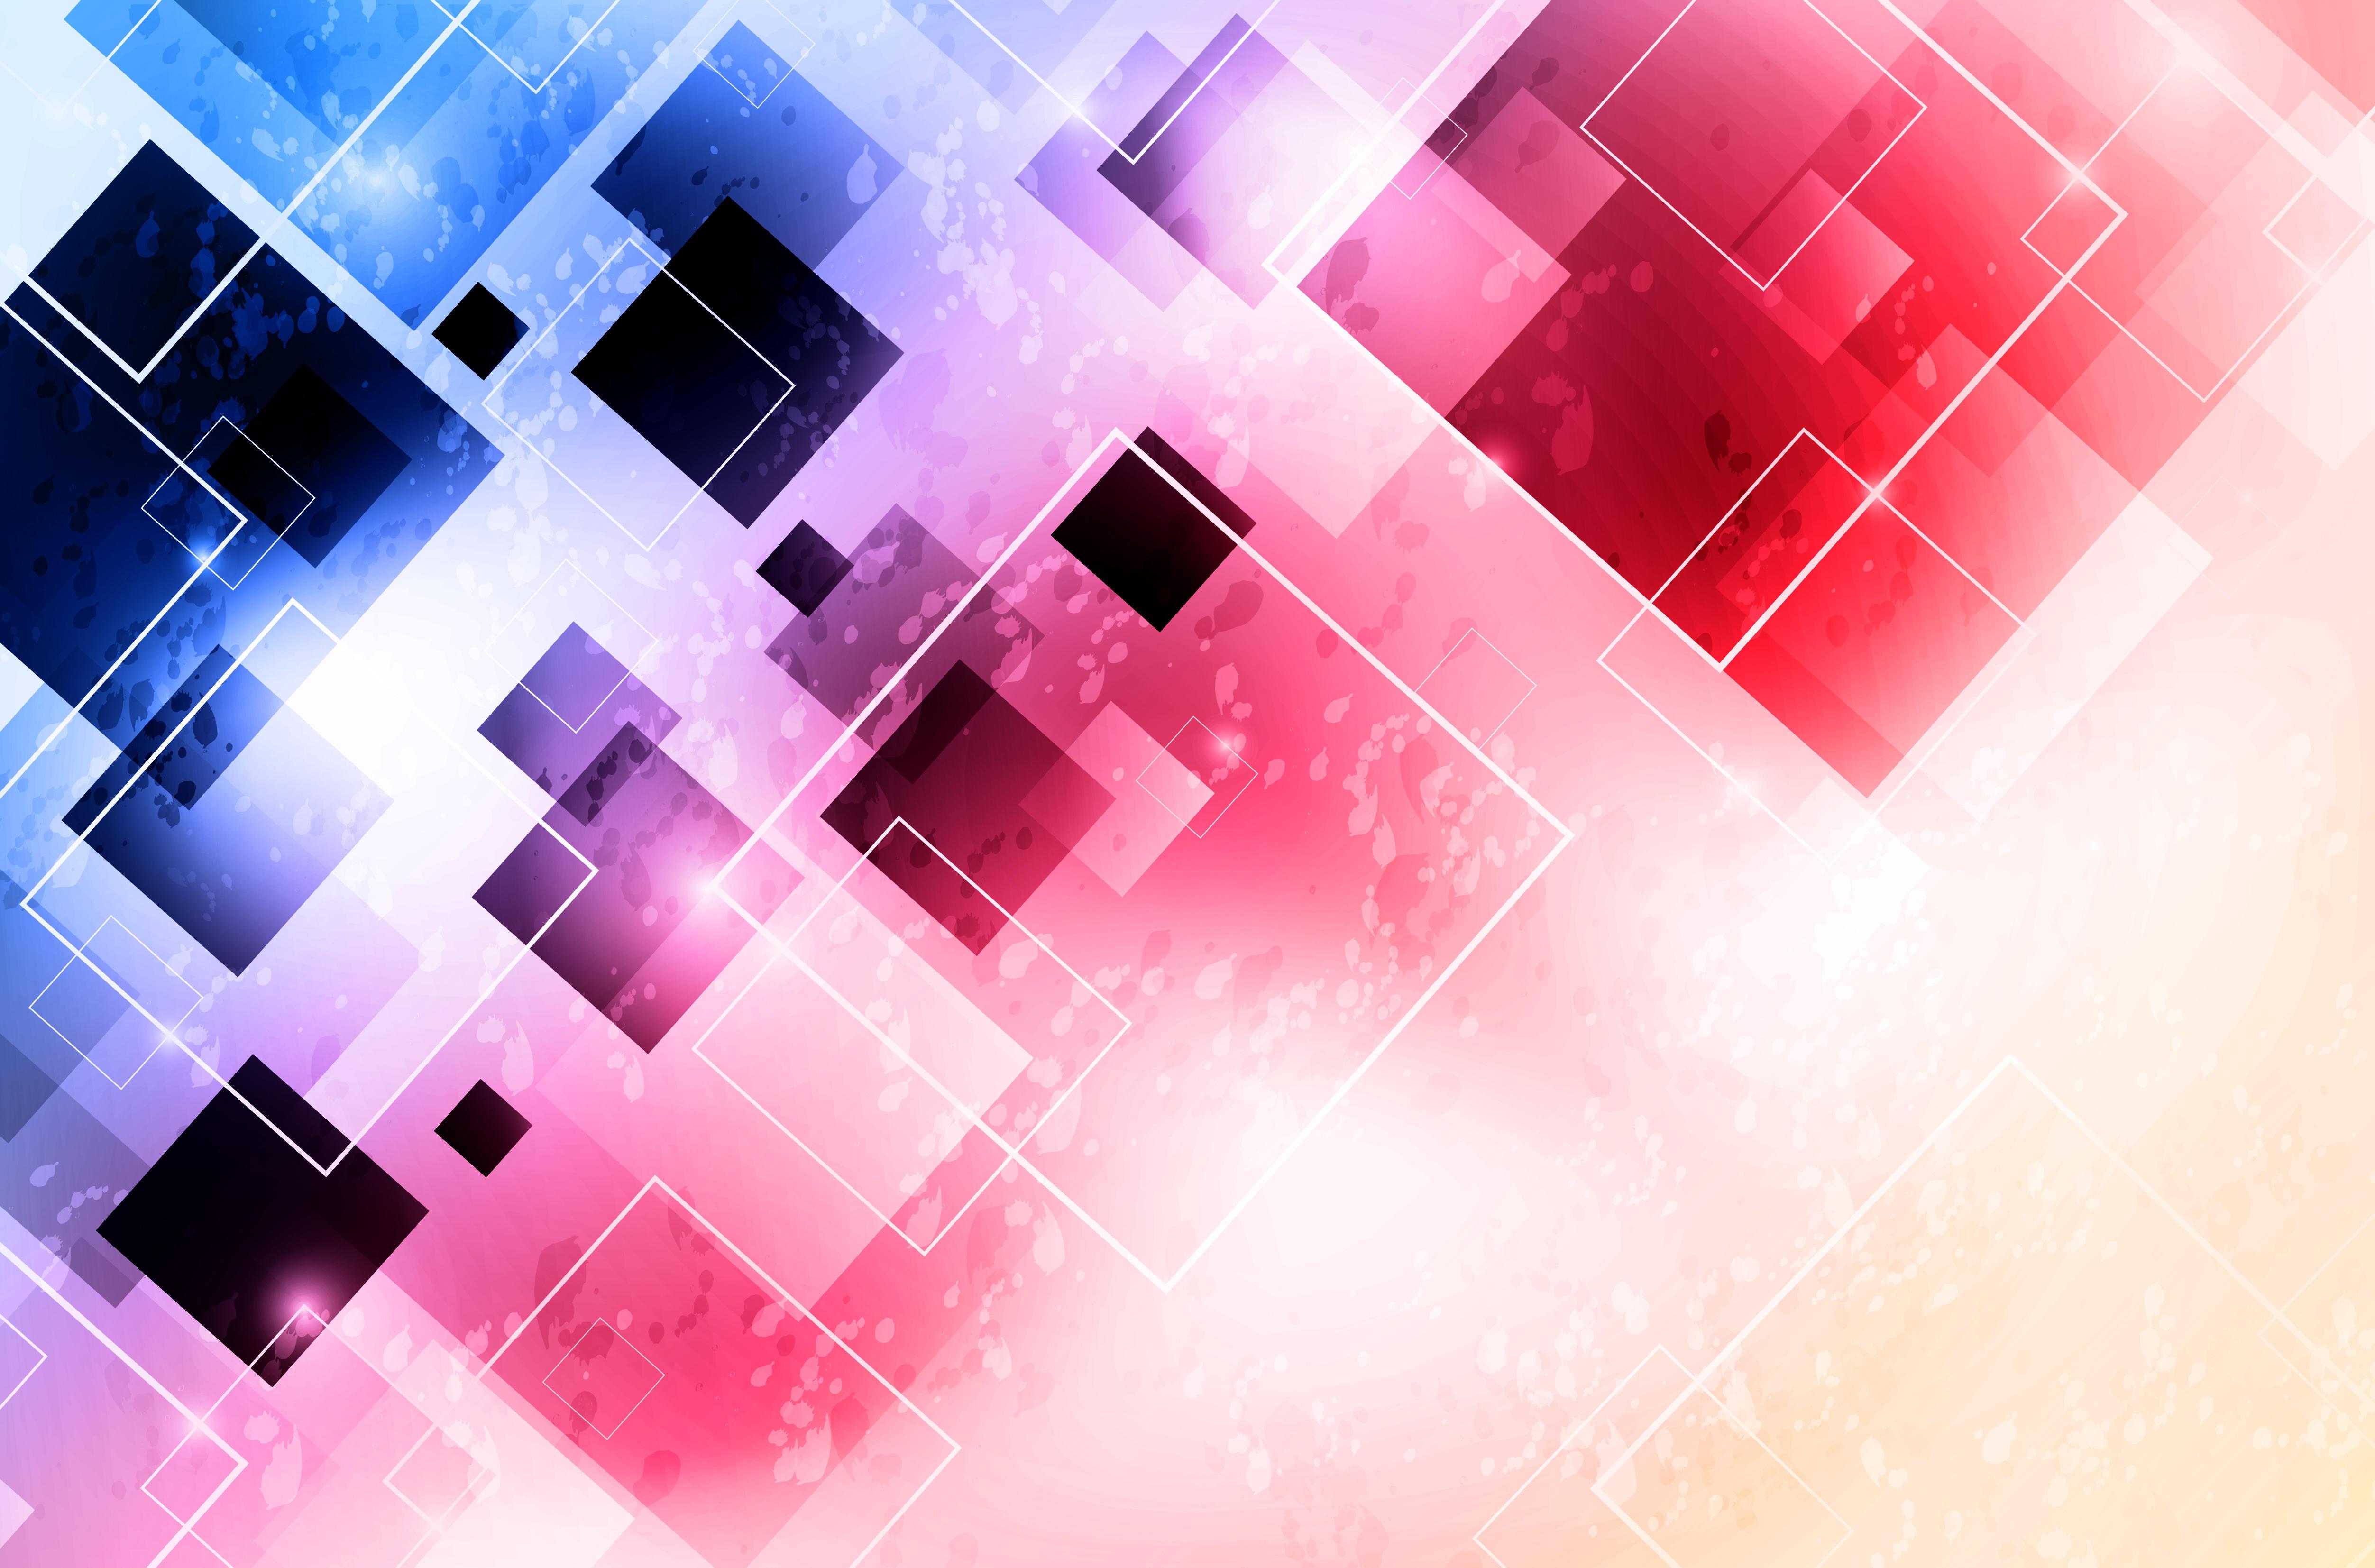 графика абстракция текстура graphics abstraction texture  № 2076261 загрузить